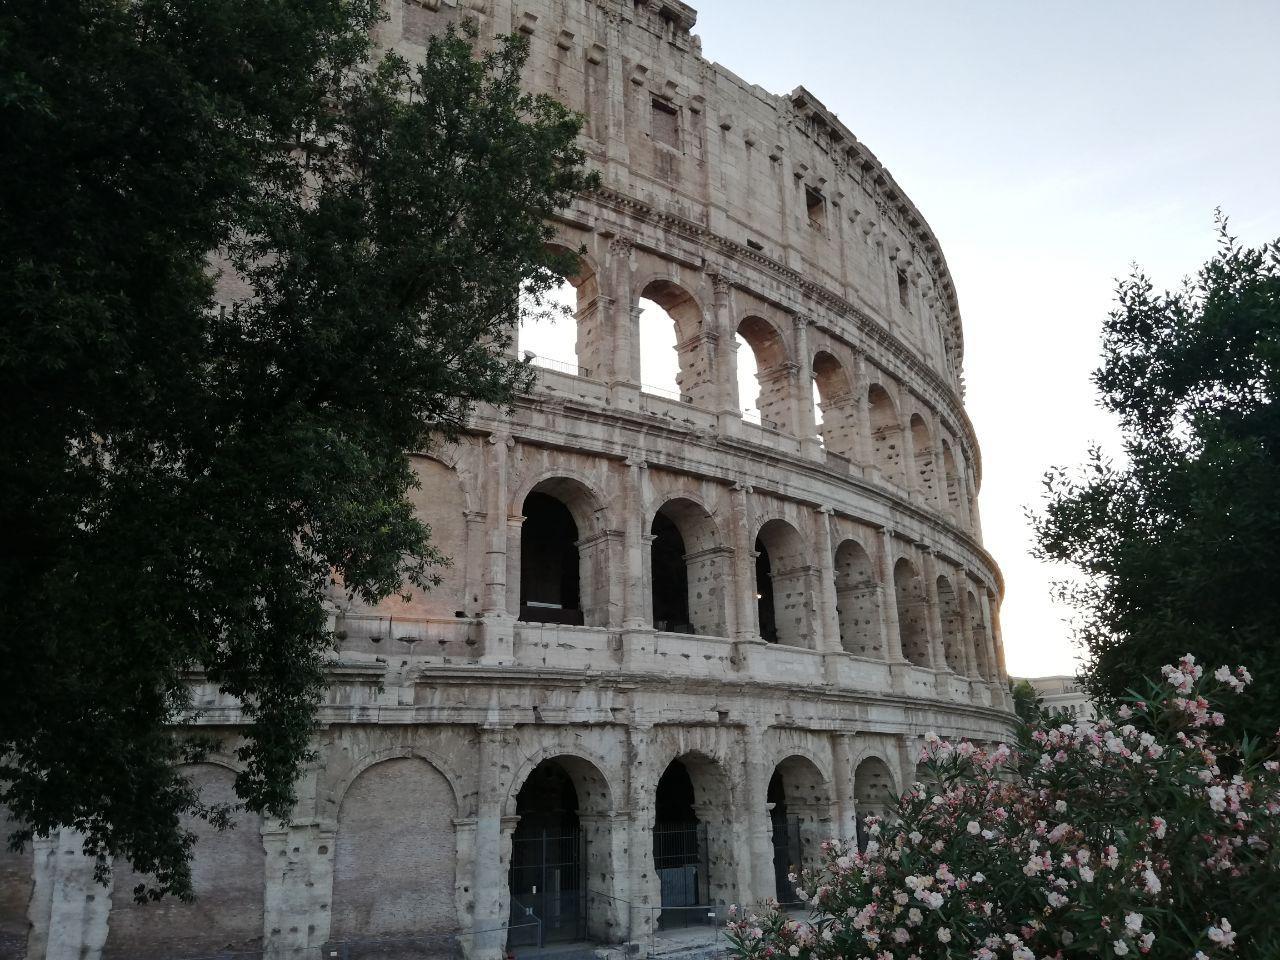 تجربهی سفر ۱۰ روزه به ایتالیا (رم)